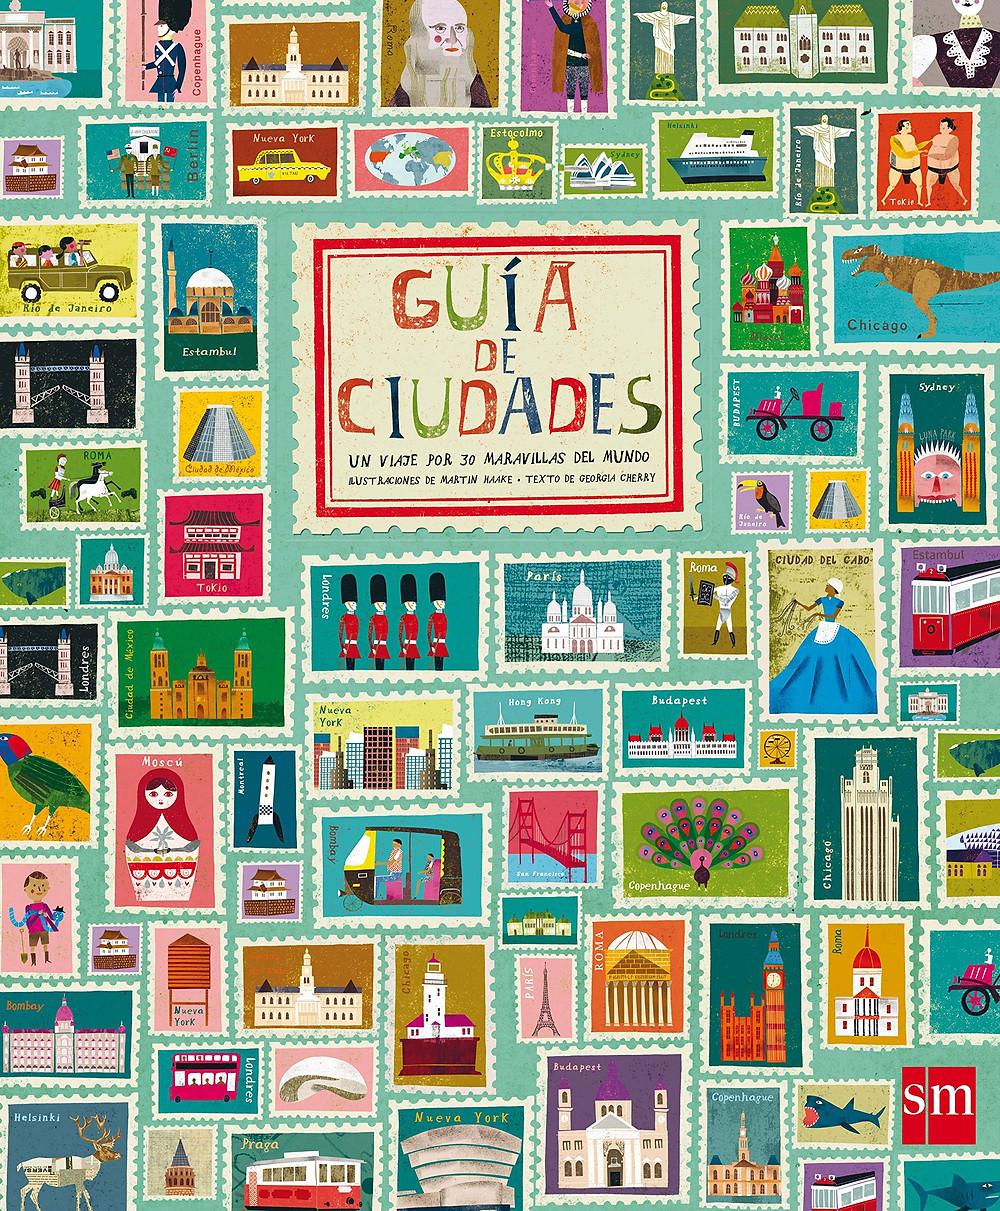 guía de ciudades para niños, libro viajero